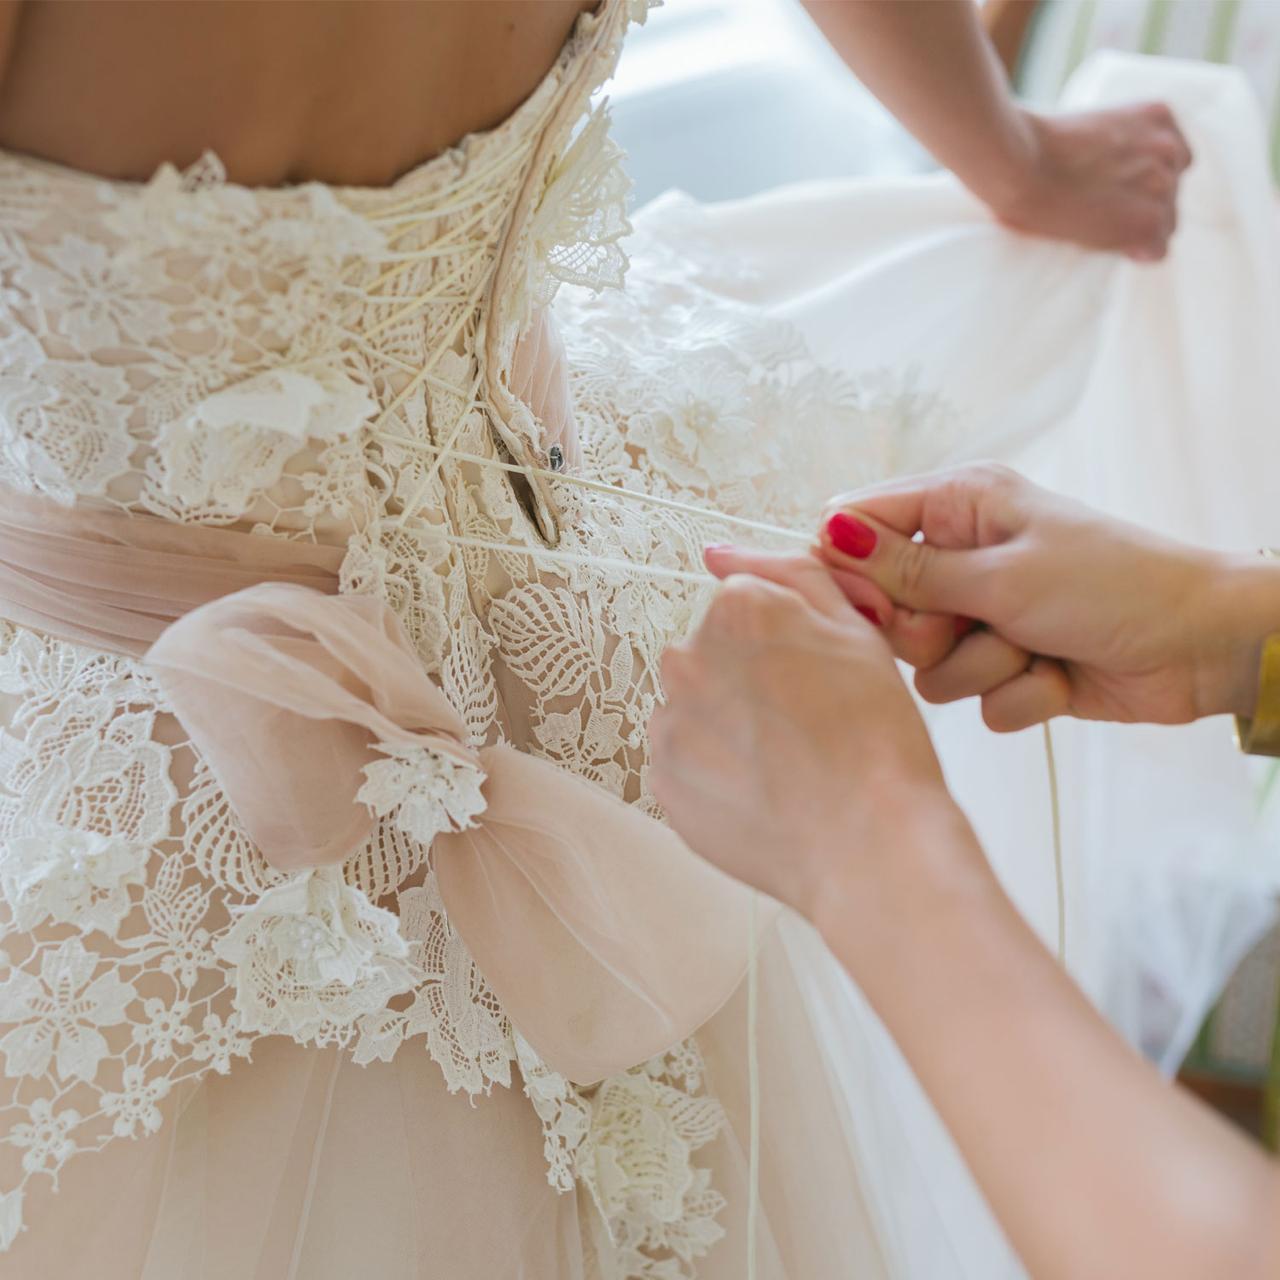 Стоит ли шить свадебное платье на заказ и как получить платье своей мечты?